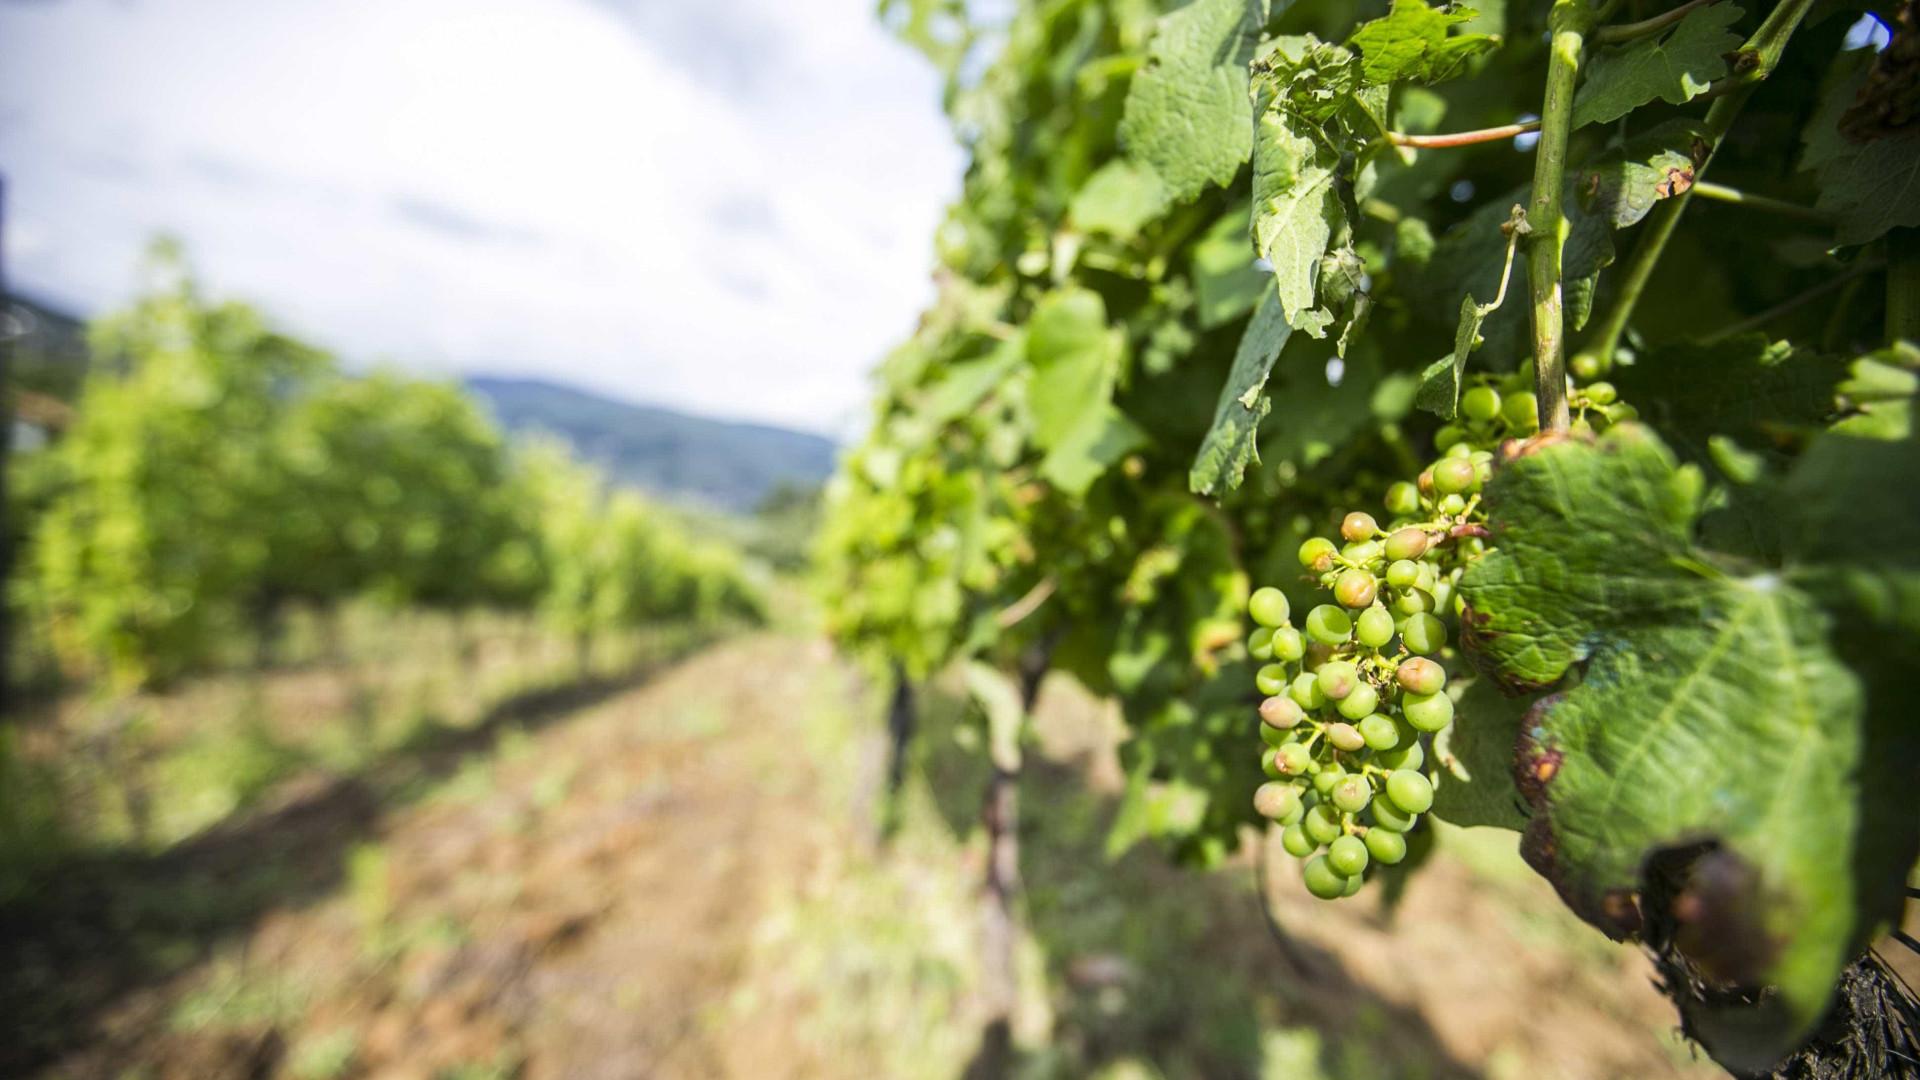 Quercus em projeto europeu para a proteção da biodiversidade na vinha